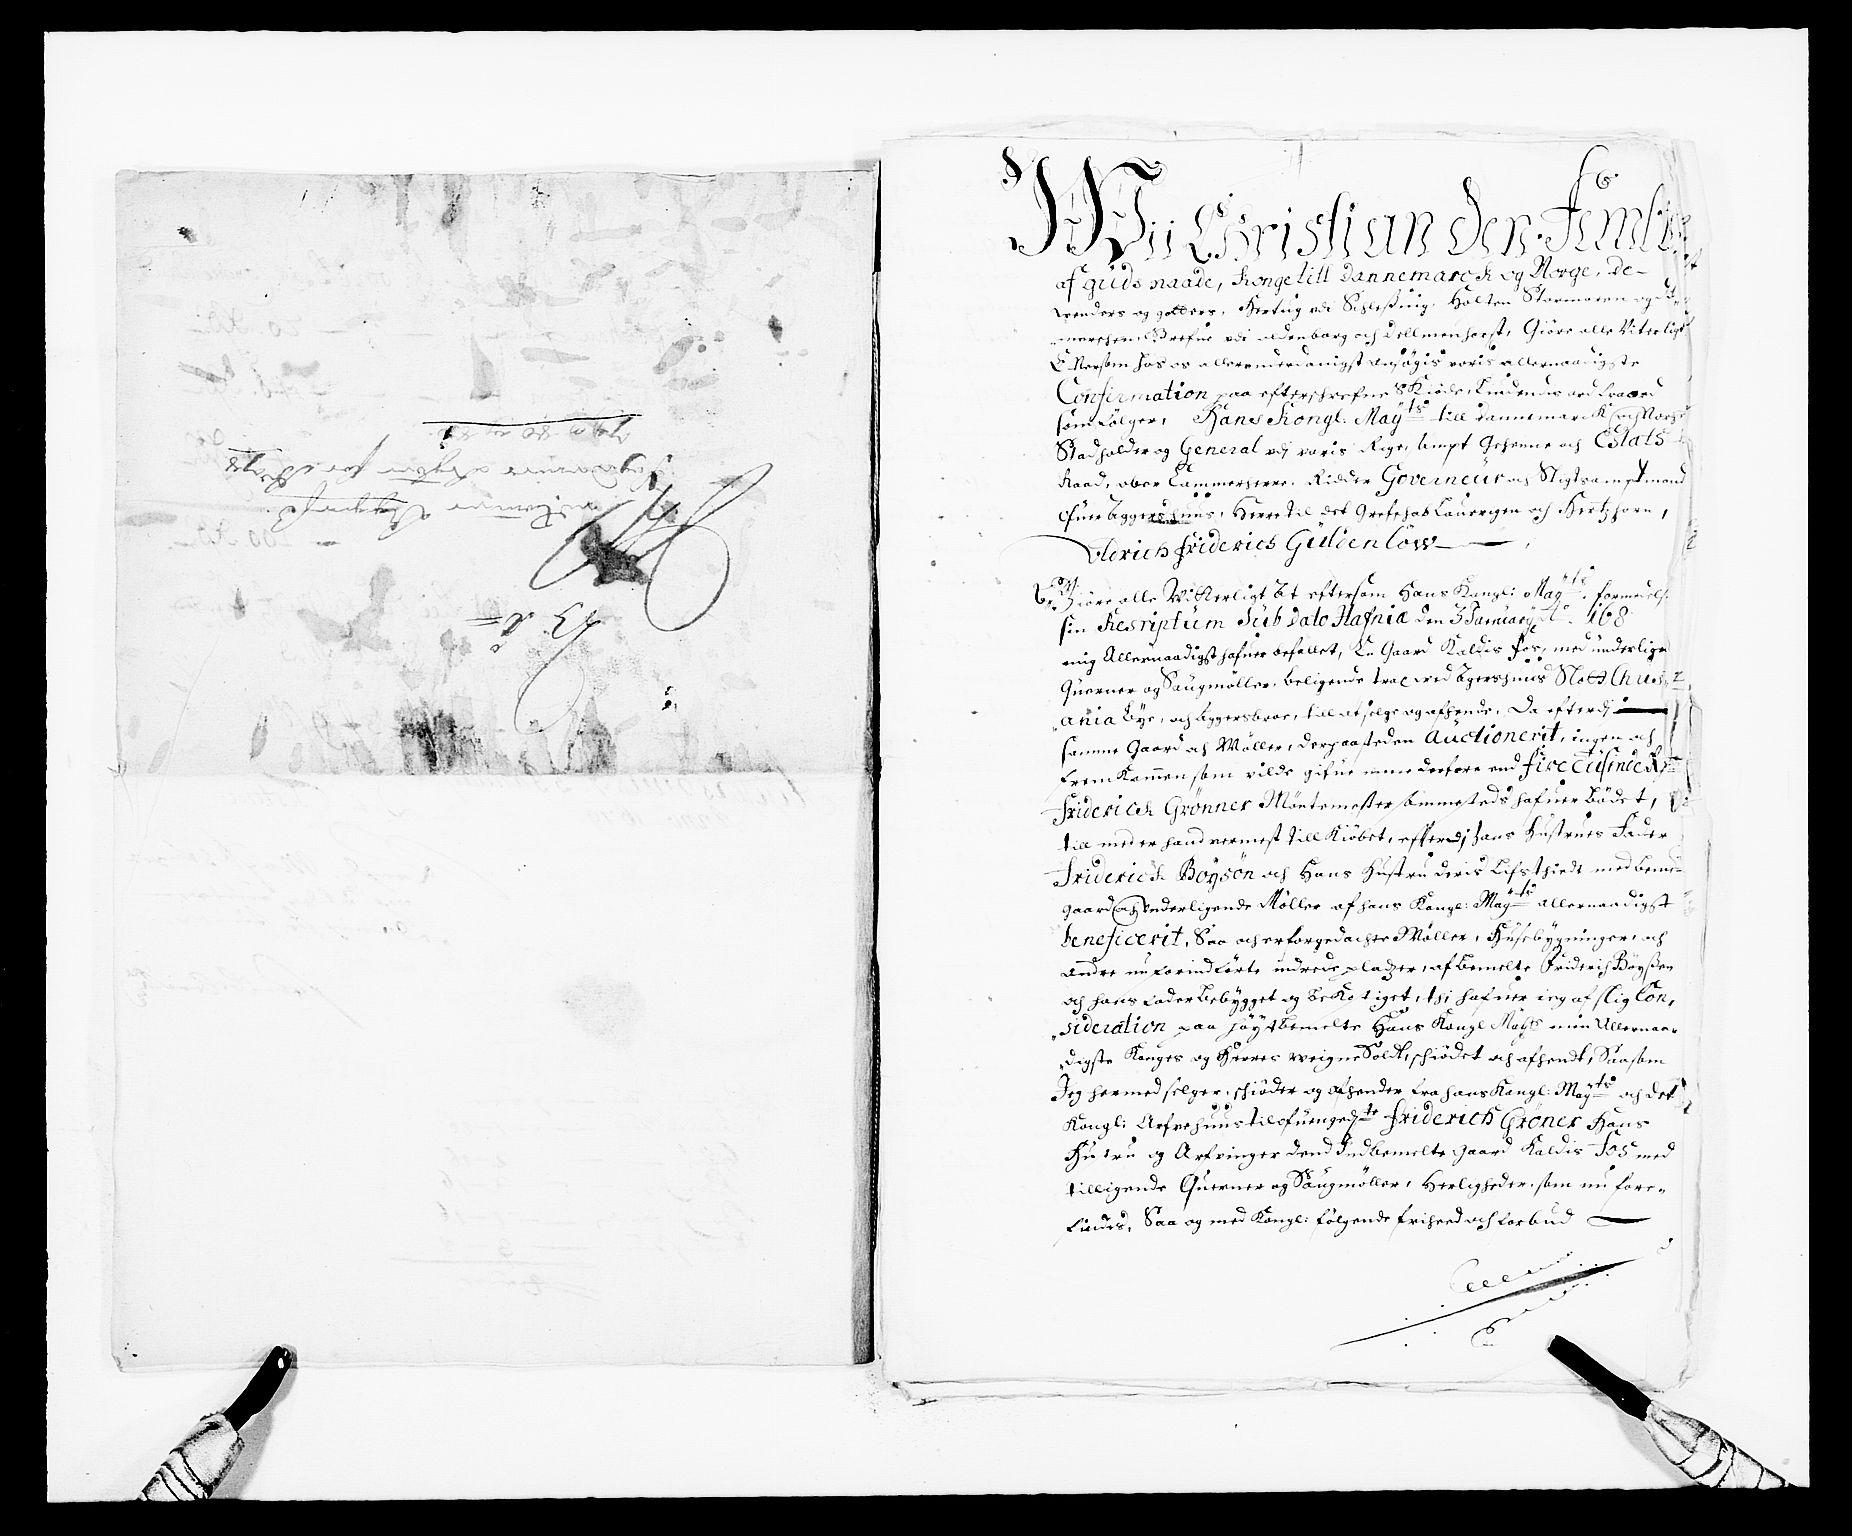 RA, Rentekammeret inntil 1814, Reviderte regnskaper, Fogderegnskap, R08/L0418: Fogderegnskap Aker, 1678-1681, s. 7